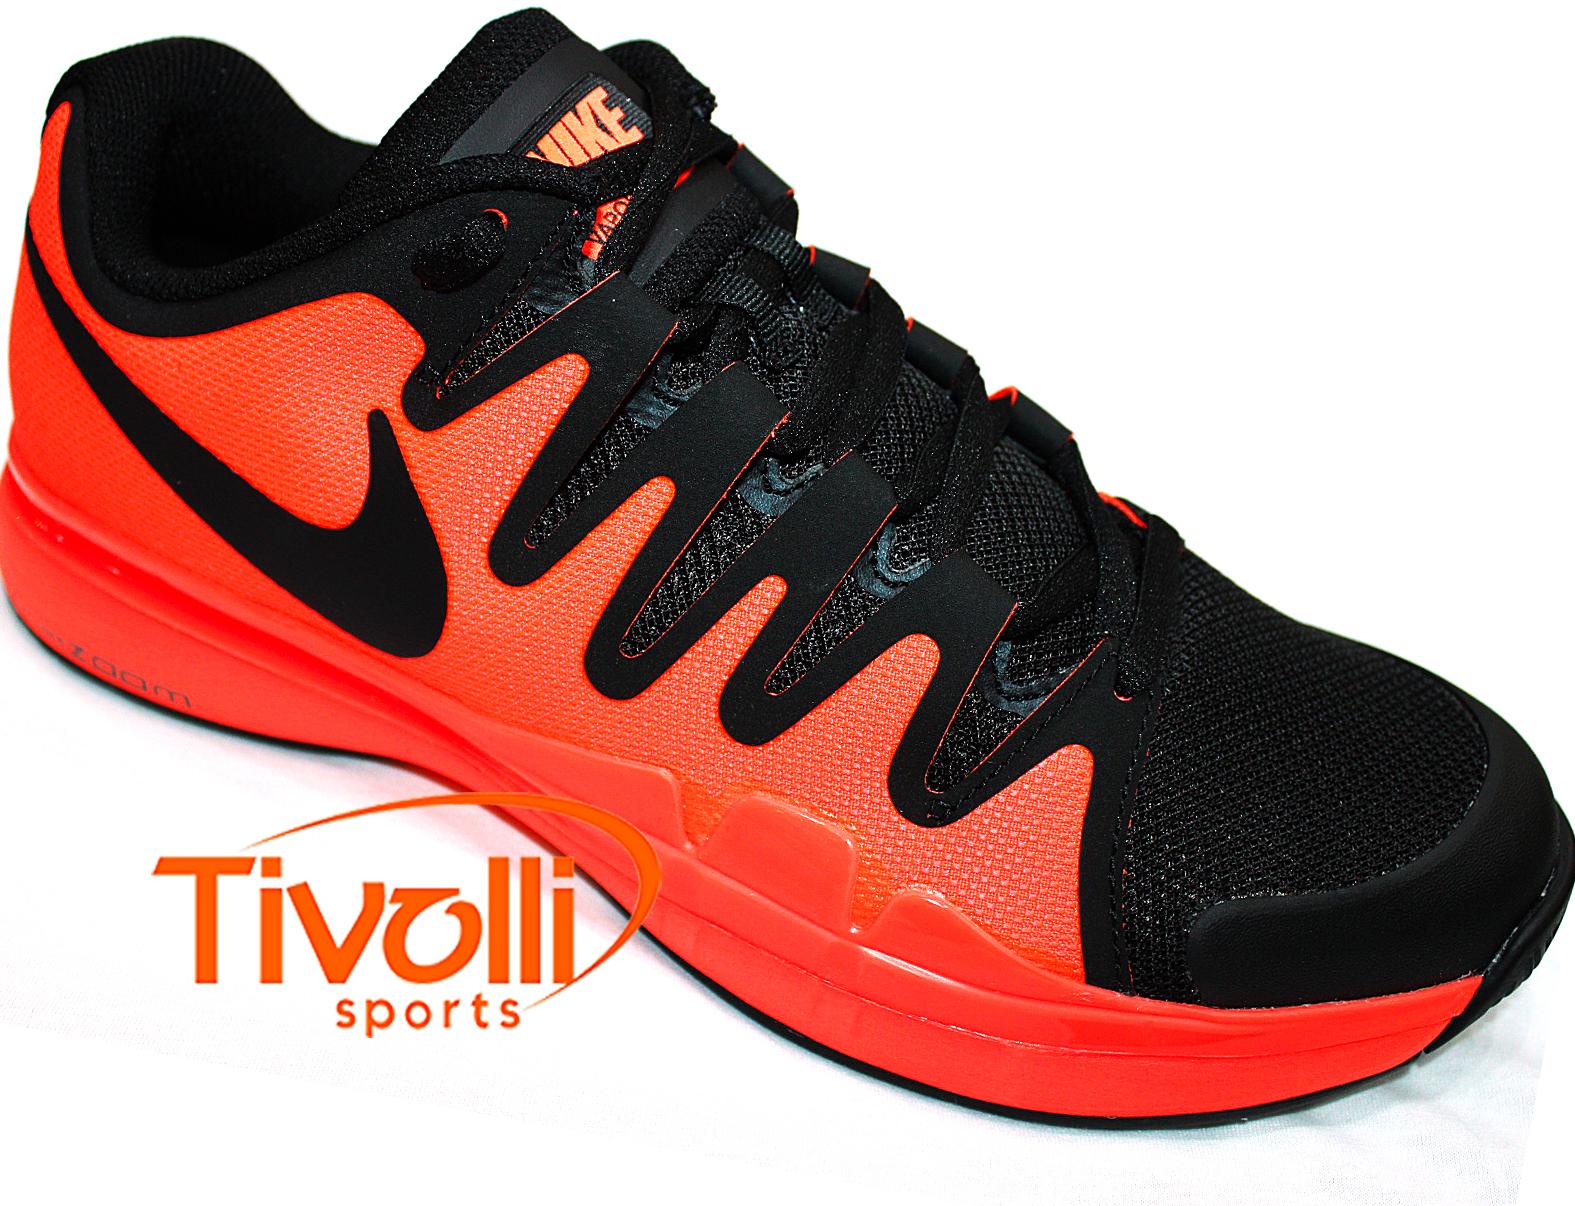 2f3f907e1cca7 Raquete Mania   Tênis Nike   Zoom Vapor 9.5 Tour Coral e Preto US ...